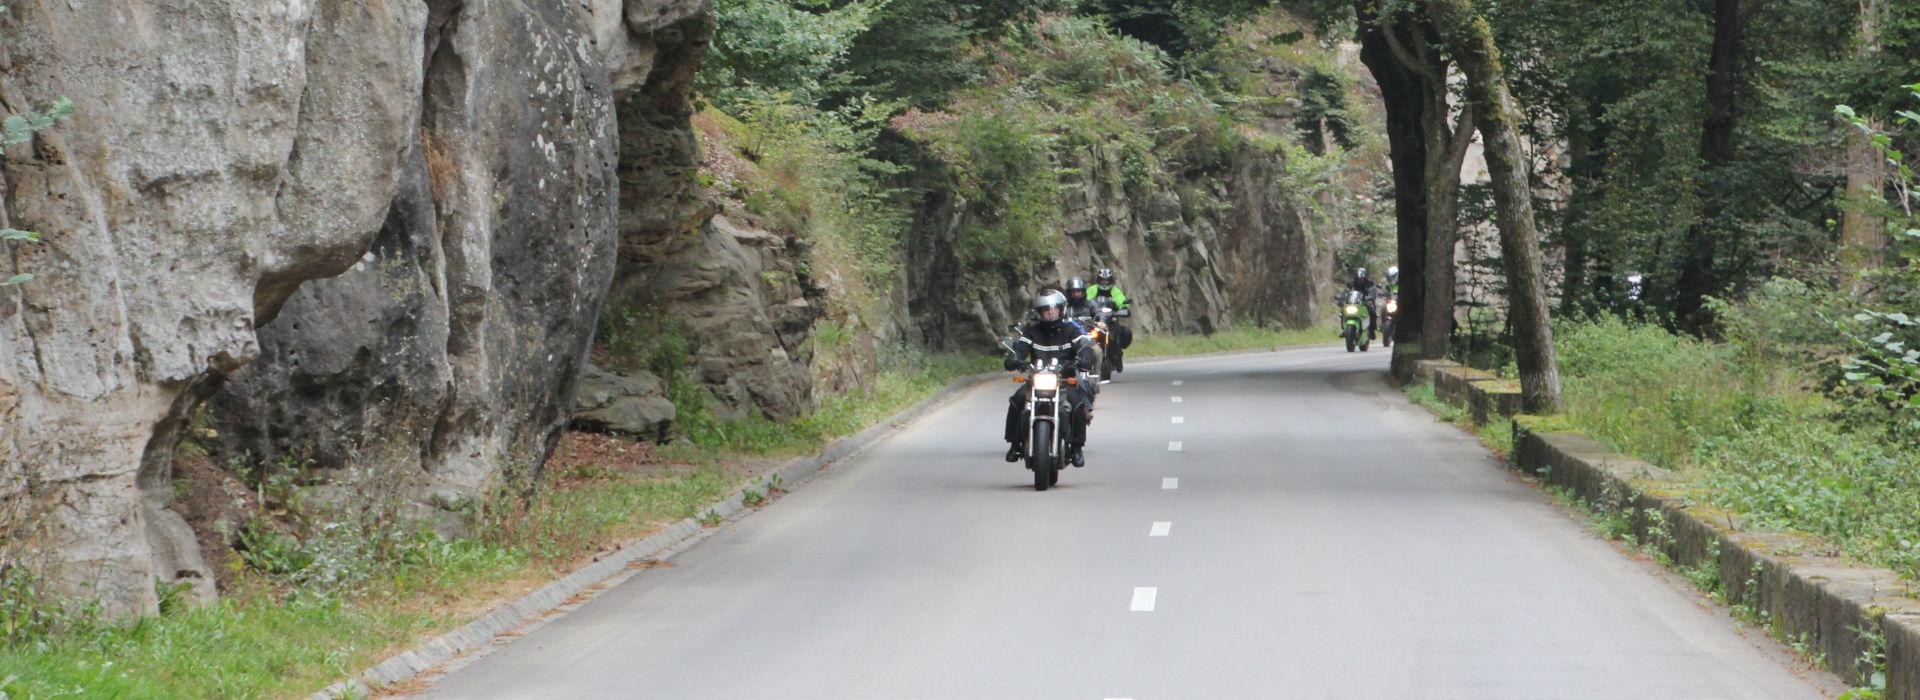 Motorrijbewijspoint Waddinxveen  motorrijbewijs binnen 1 week